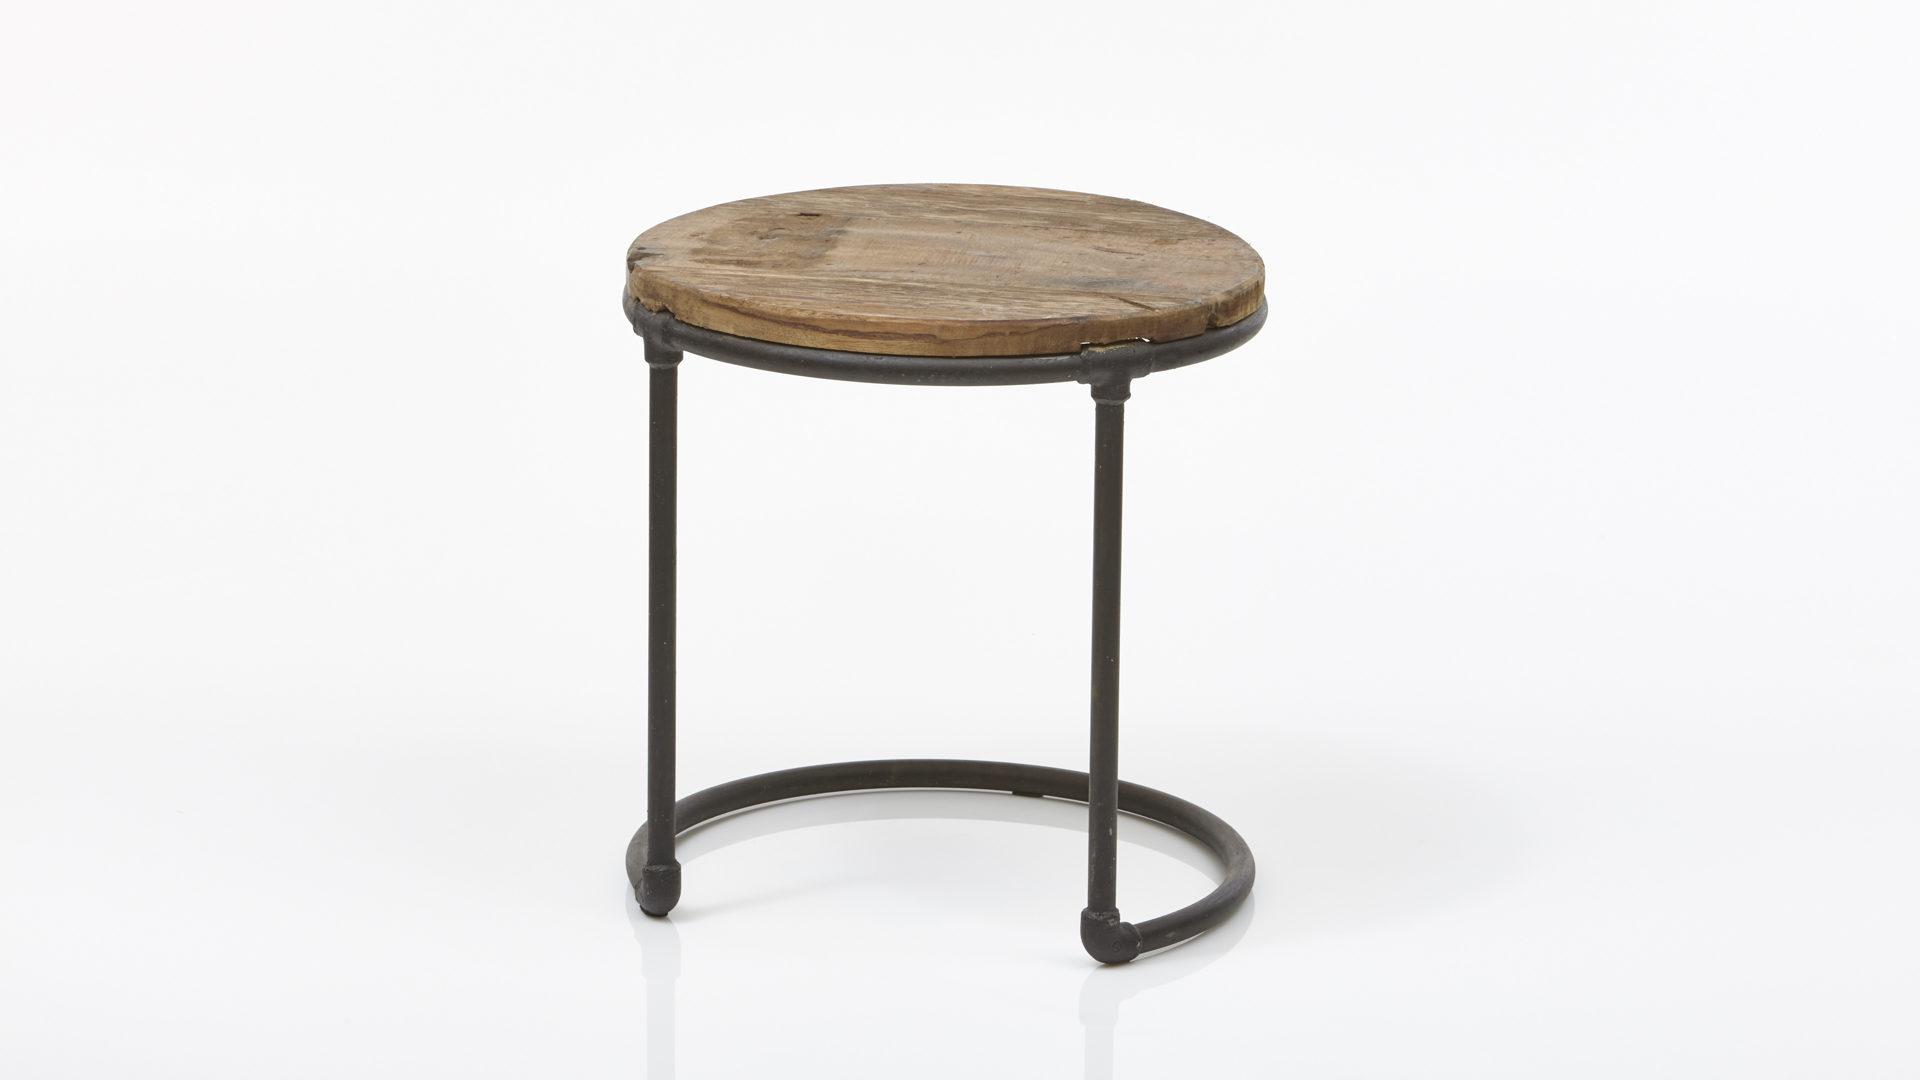 Teakholz beistelltisch  Hertel Möbel e.K. Gesees, Möbel A-Z, Tische, Beistelltische ...